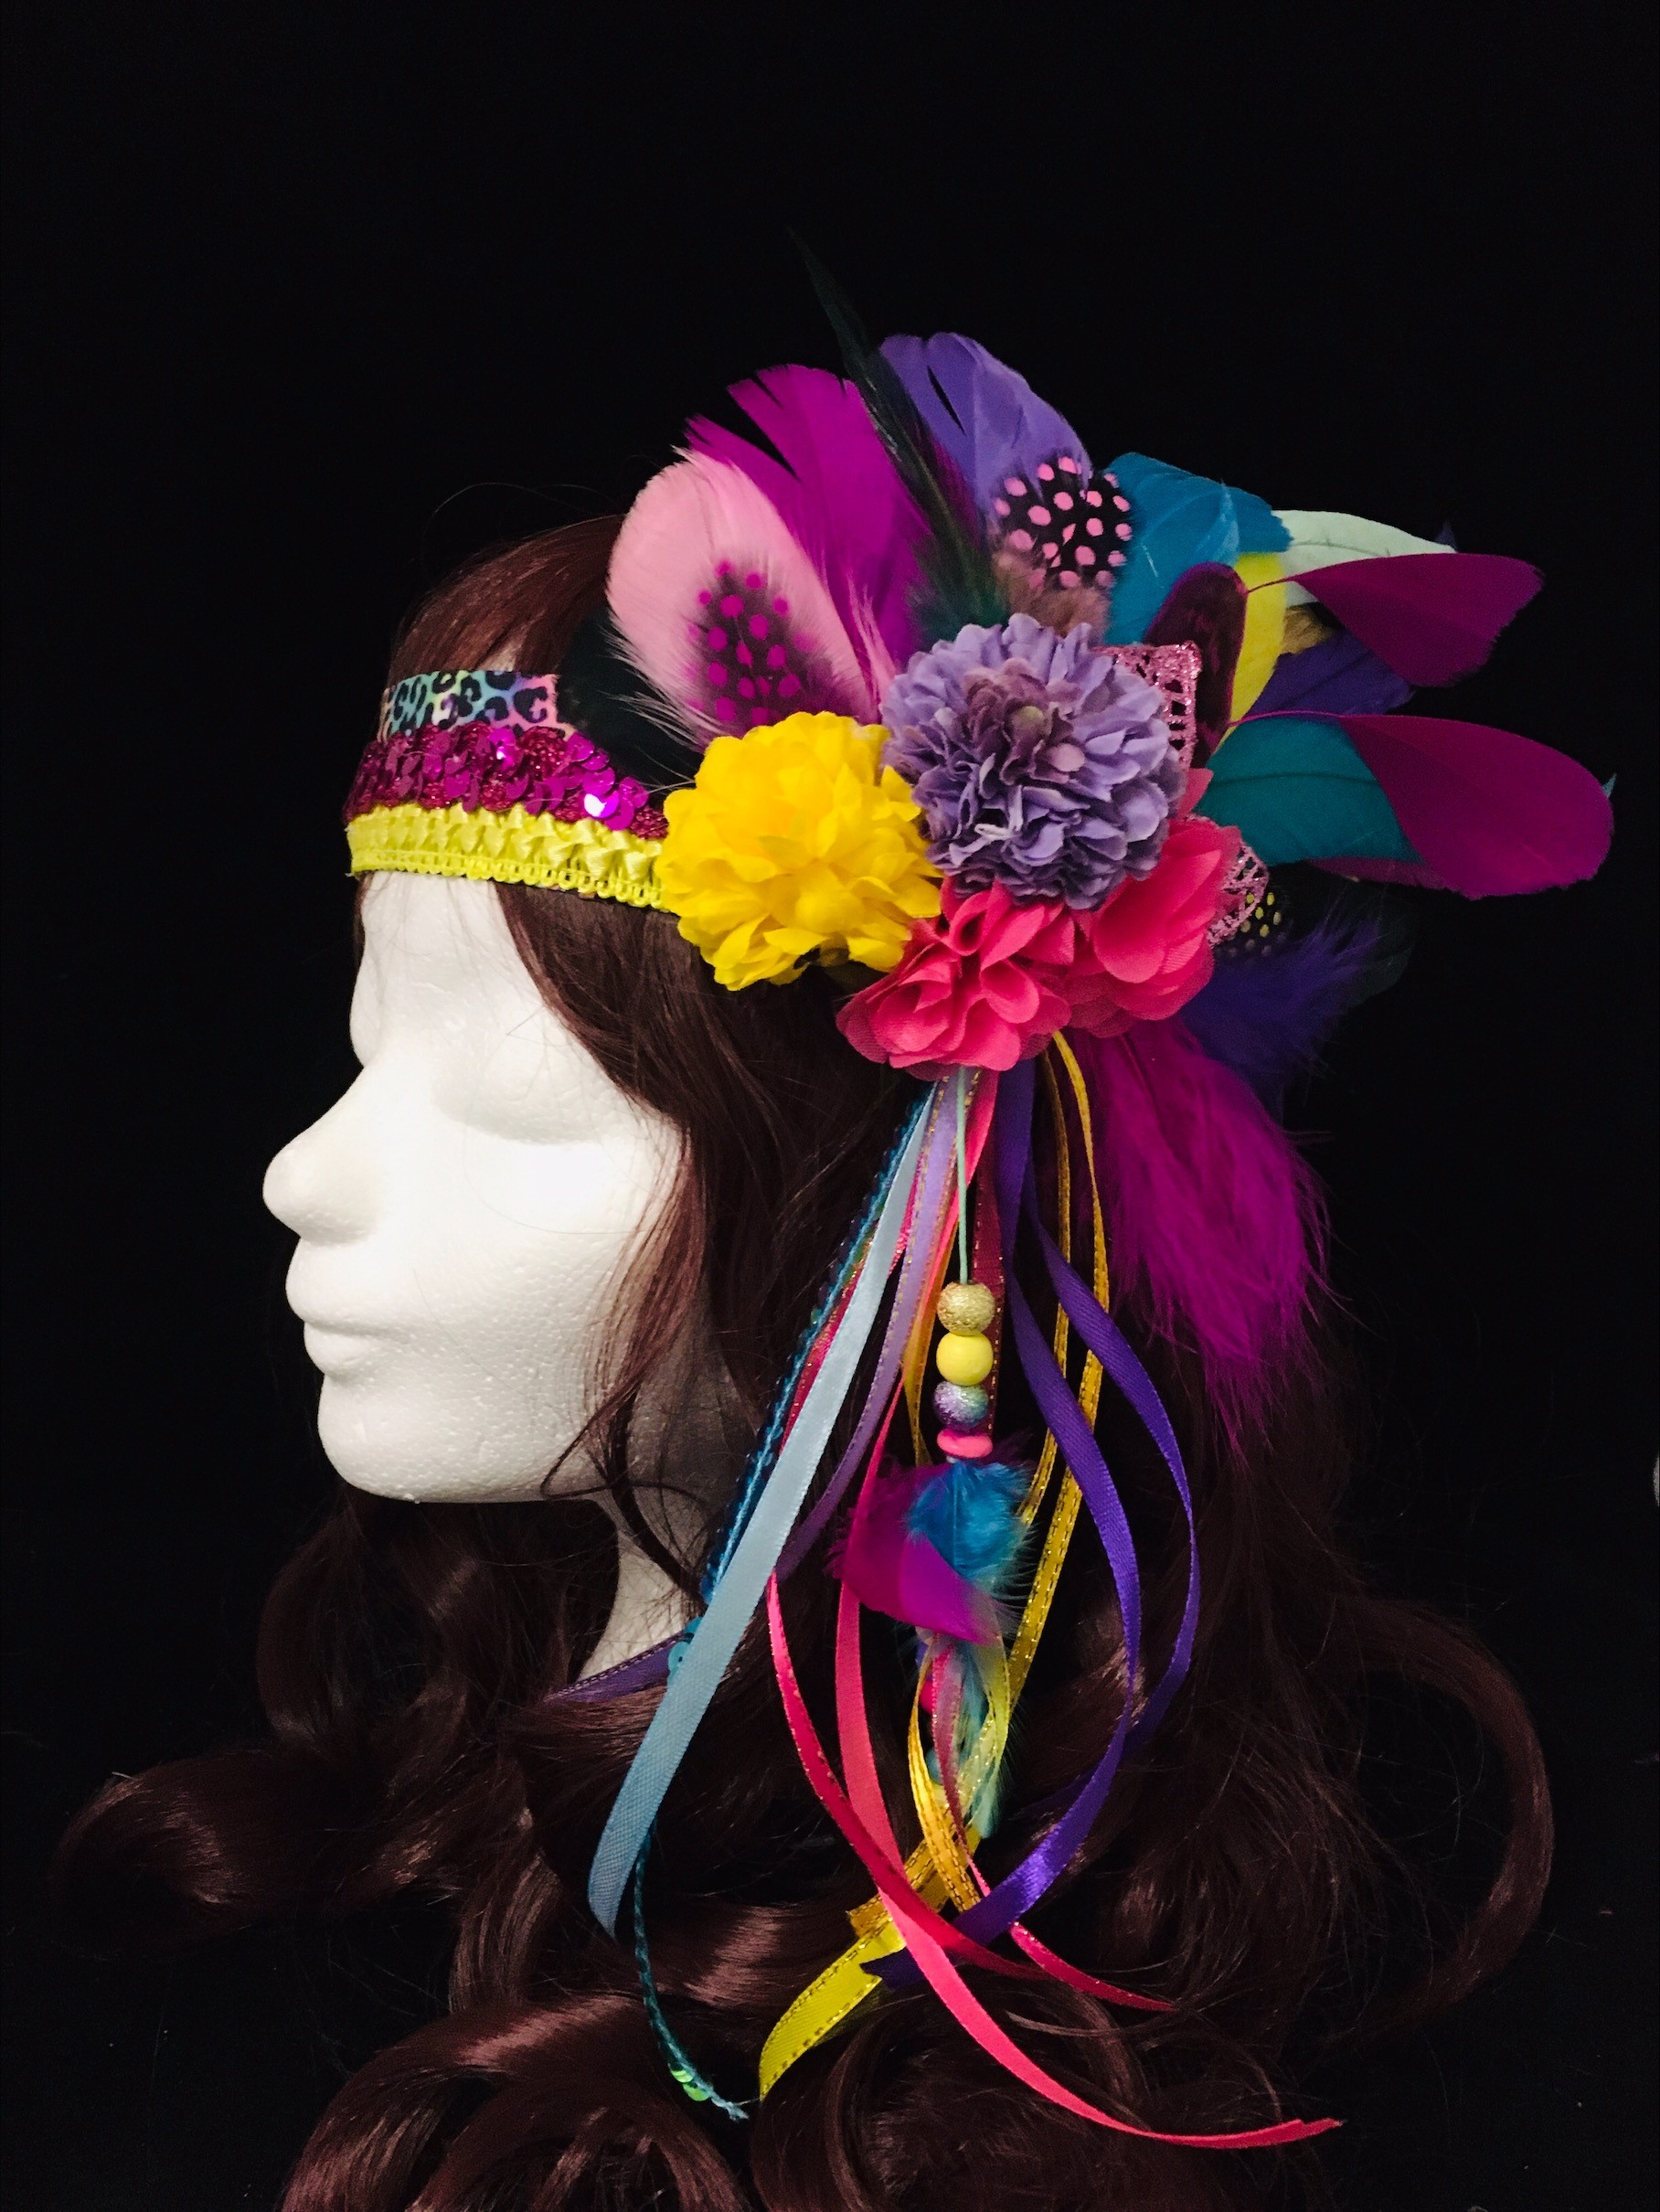 hoofdbad paars geel rainbow